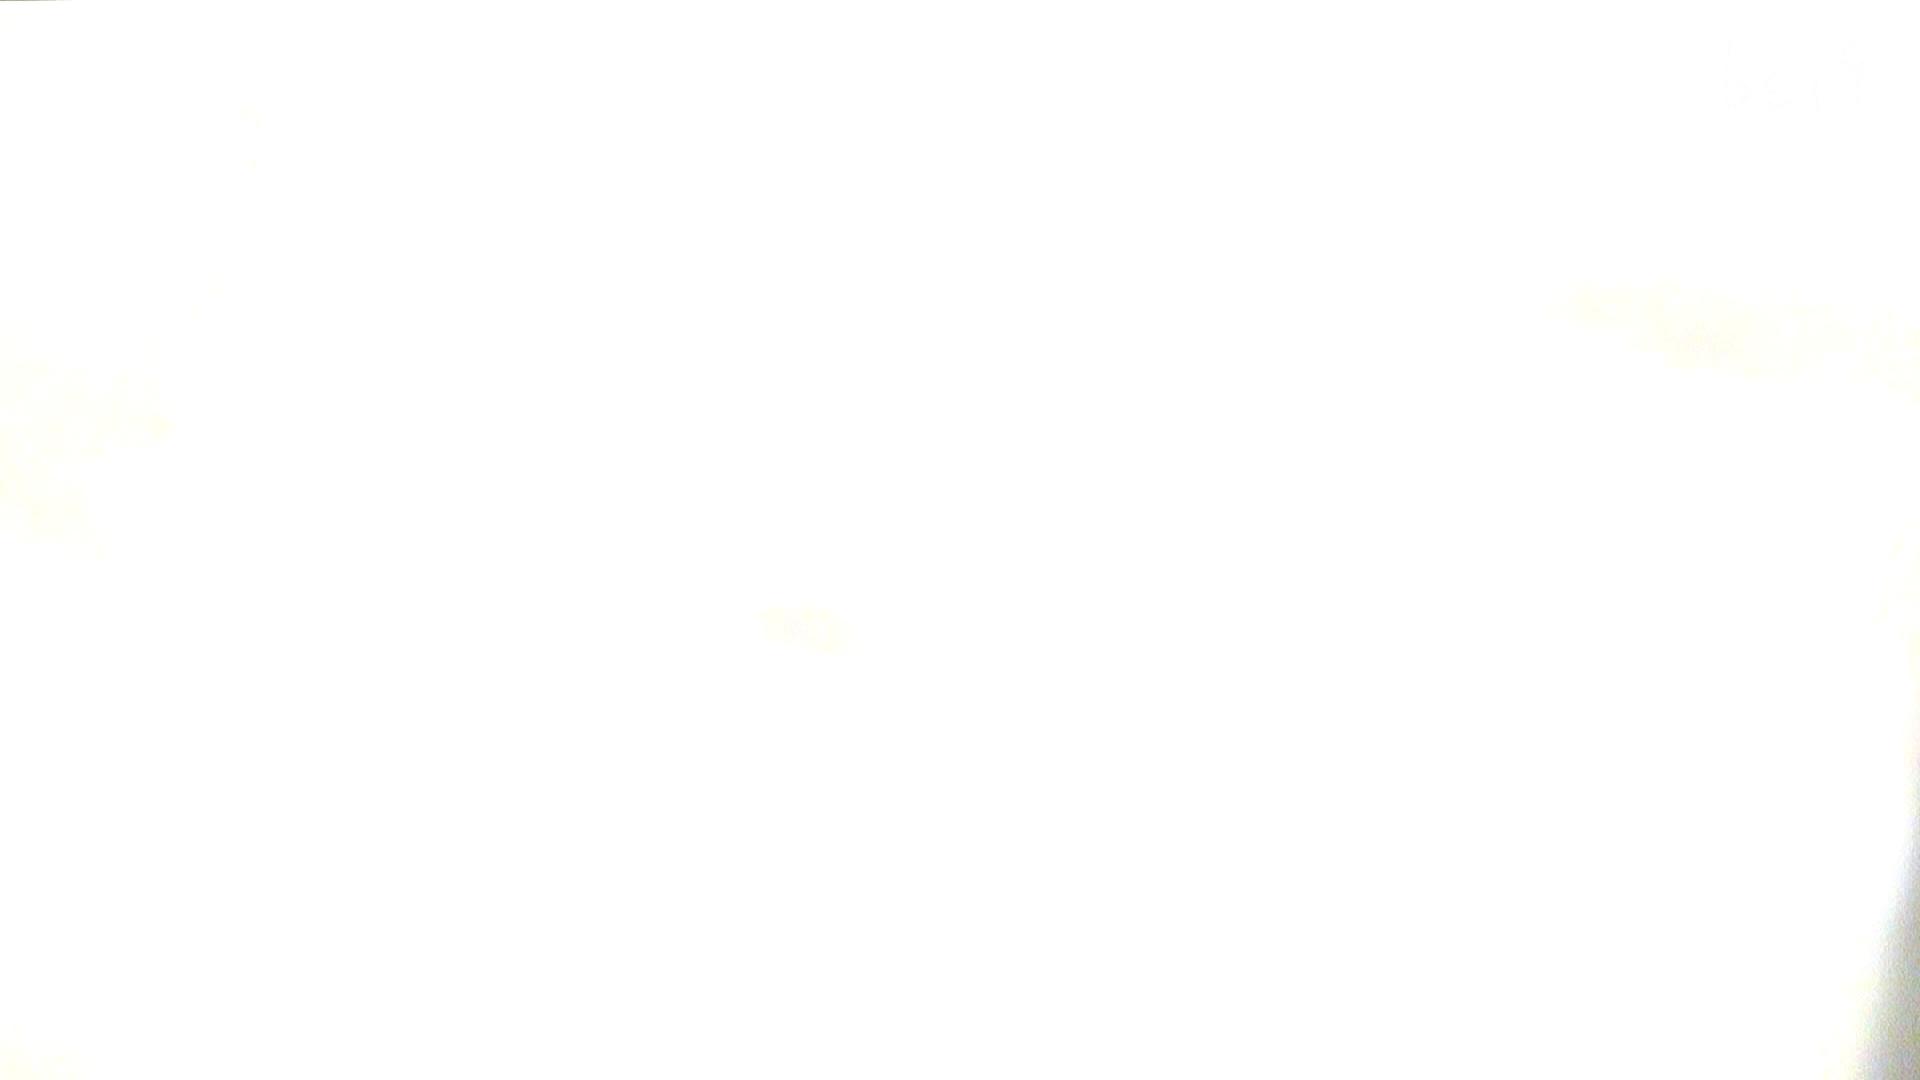 ナースのお小水 vol.004 OLセックス | ナース  52画像 28